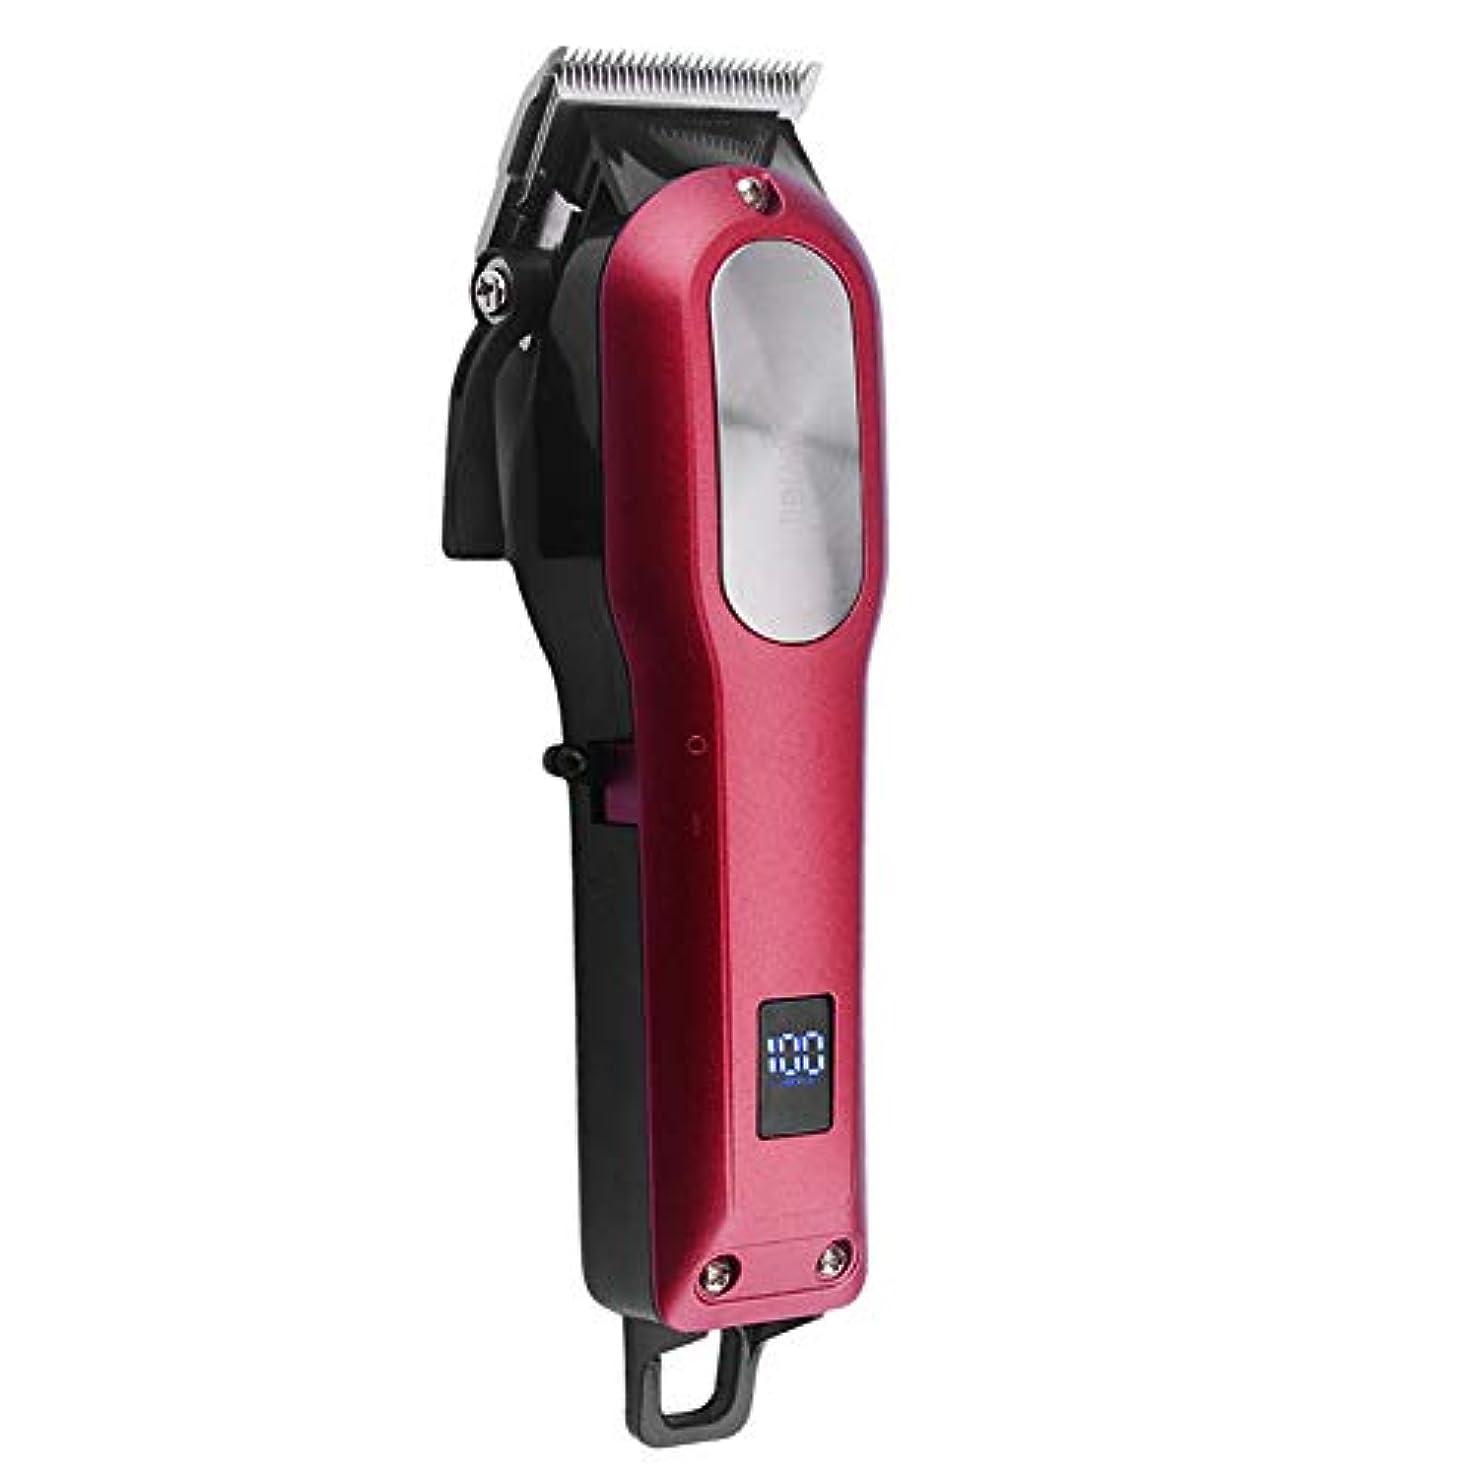 医薬魔術含意COSYONALL 電動バリカン 充電式ヘアカッター レバー式バリカン プロ 0.8-2mm刈り高さ調整可能 LEDディスプレイ 4時間連続使用 ヒゲトリマー ヘアクリッパー コードレス 低騒音 切れ味抜群 散髪 セット